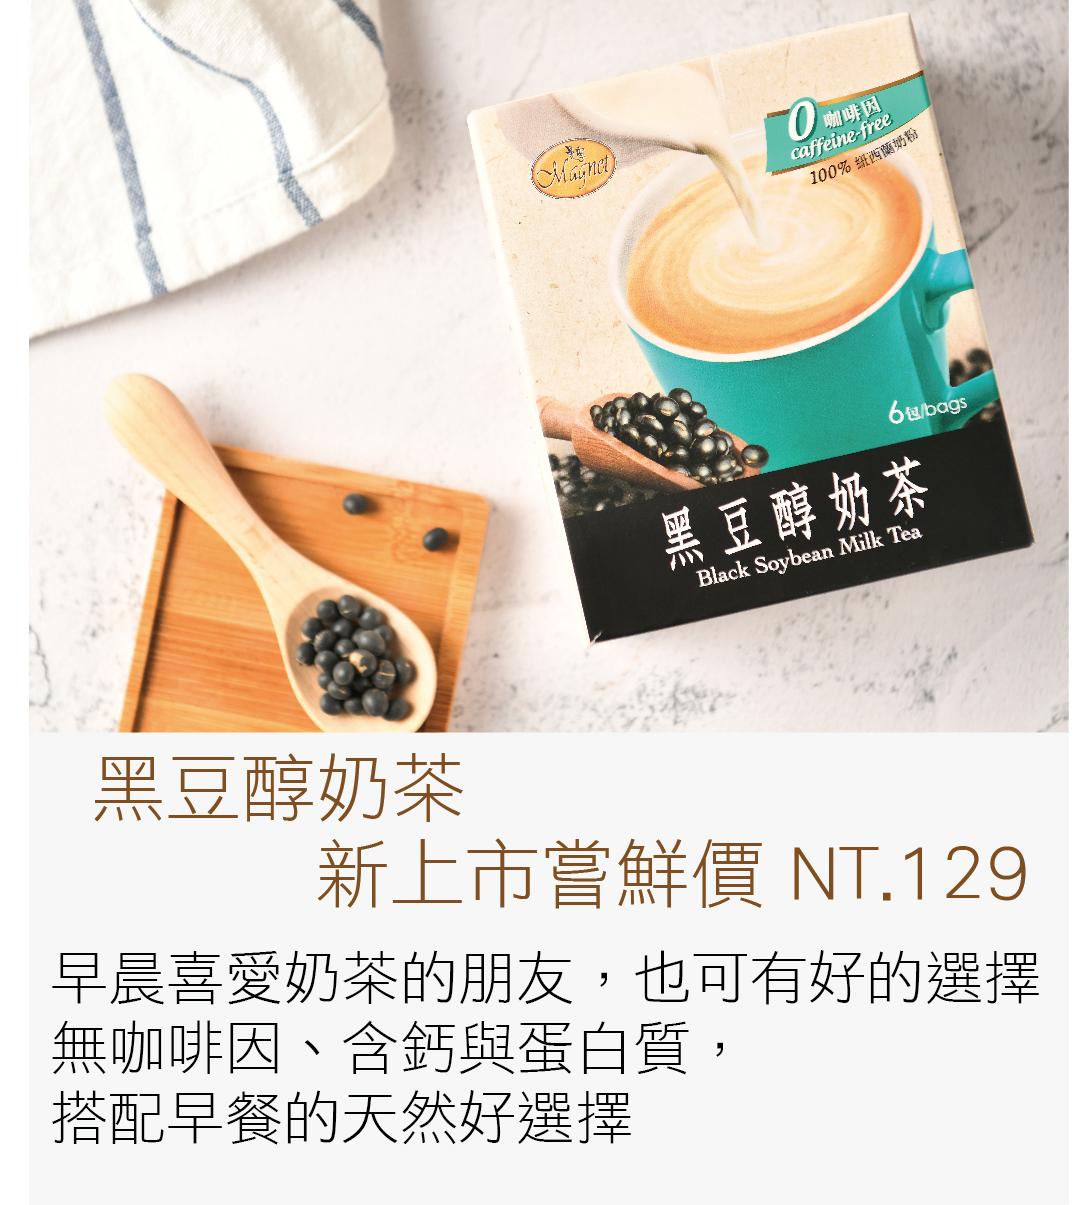 黑豆醇奶茶